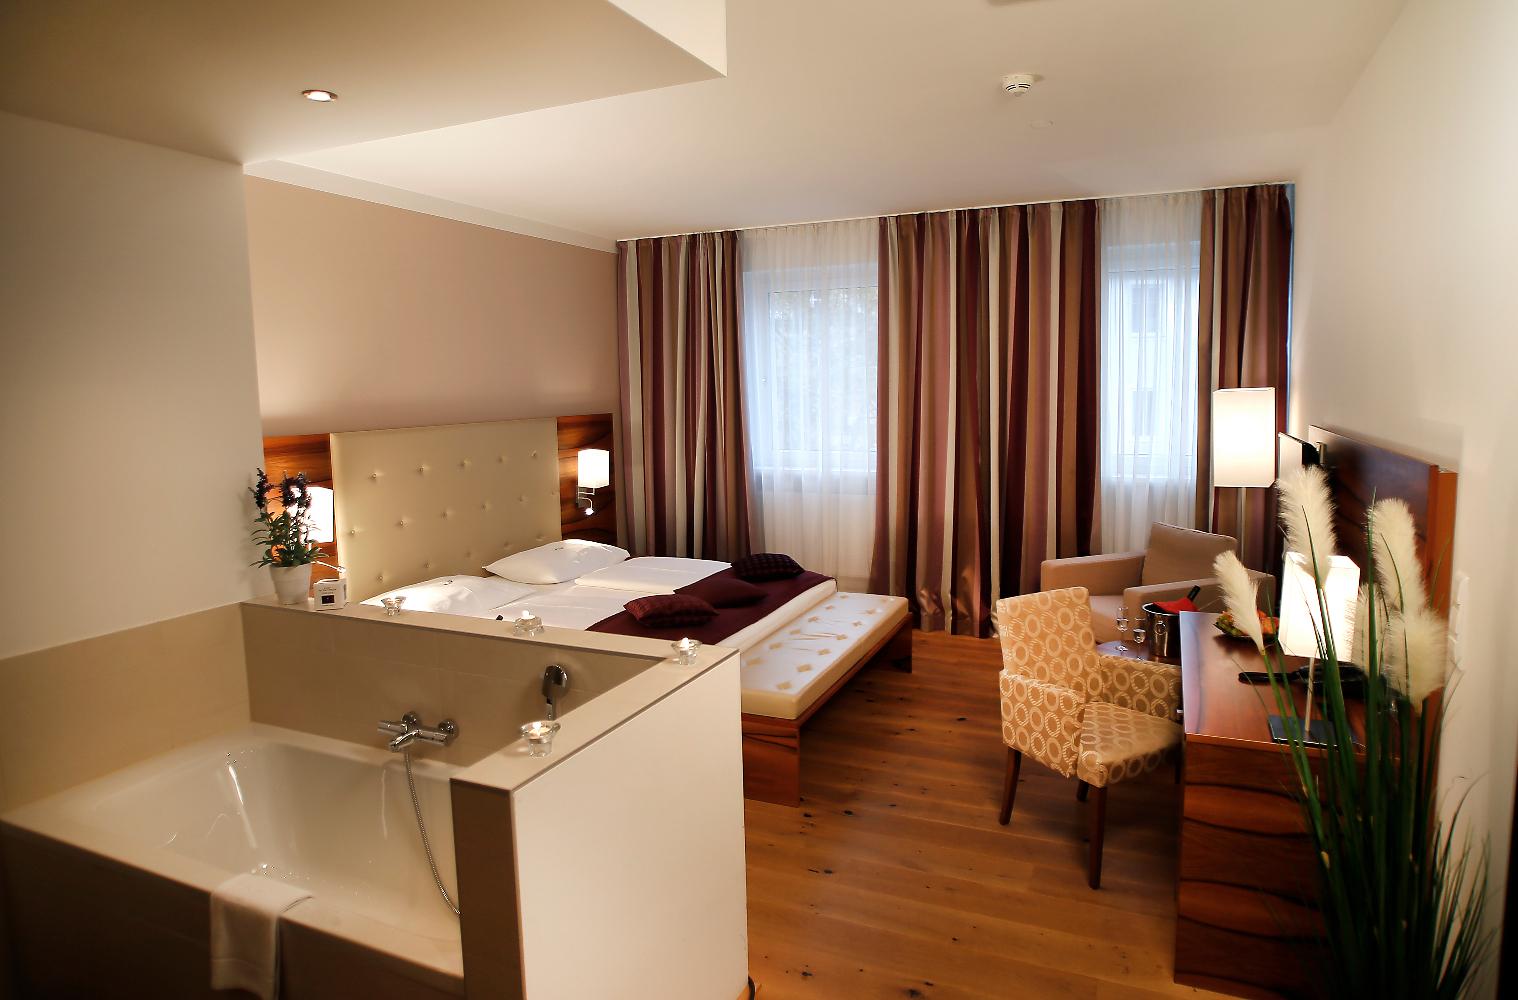 Bagno Aperto In Camera : Le camere hotel feichtinger